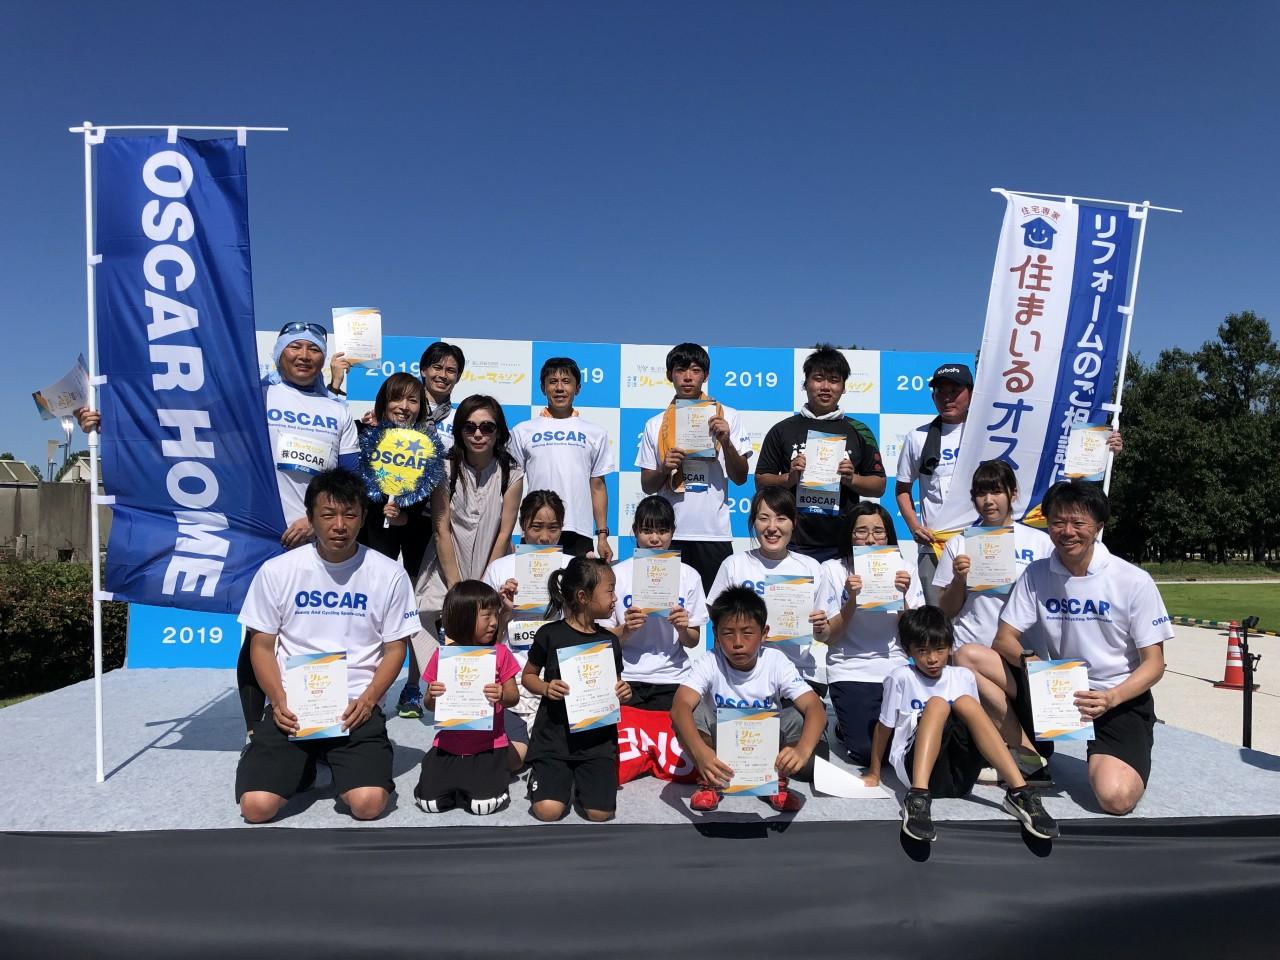 OSCARランニング&サイクリング部(ORACS)が「第3回企業交流リレーマラソン」に参加しました。の画像